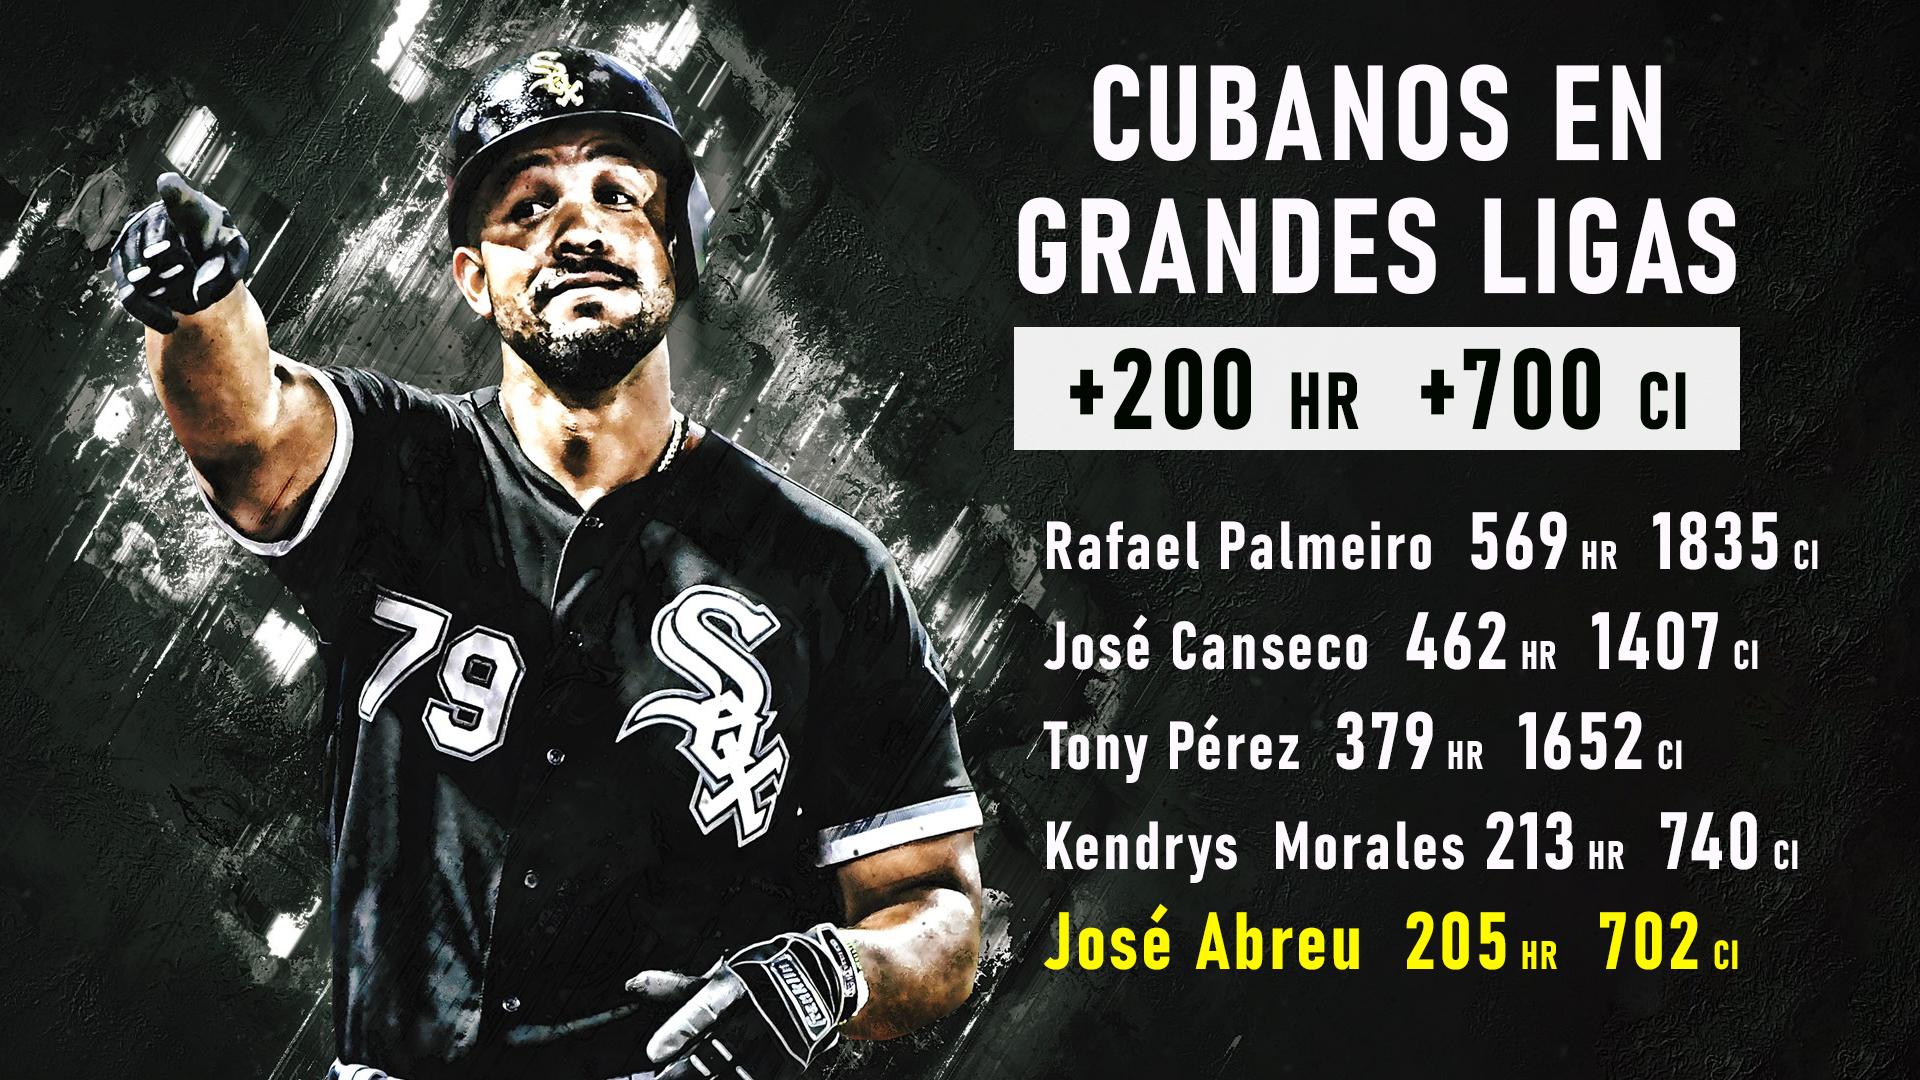 Jose Abreu 200 hr 700 ci